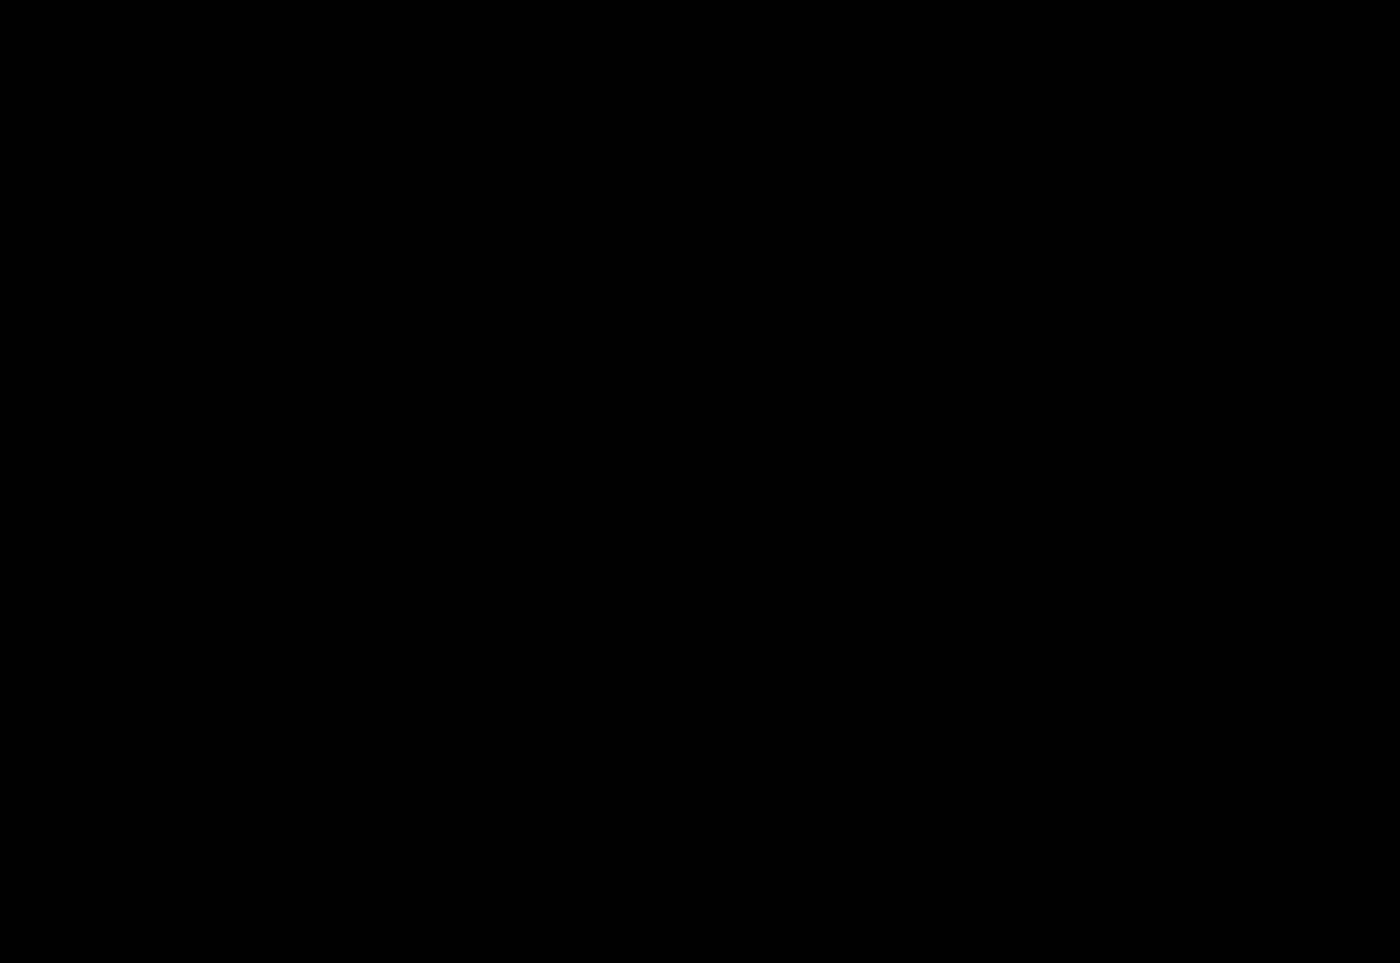 29+ Triplelift Logo Png